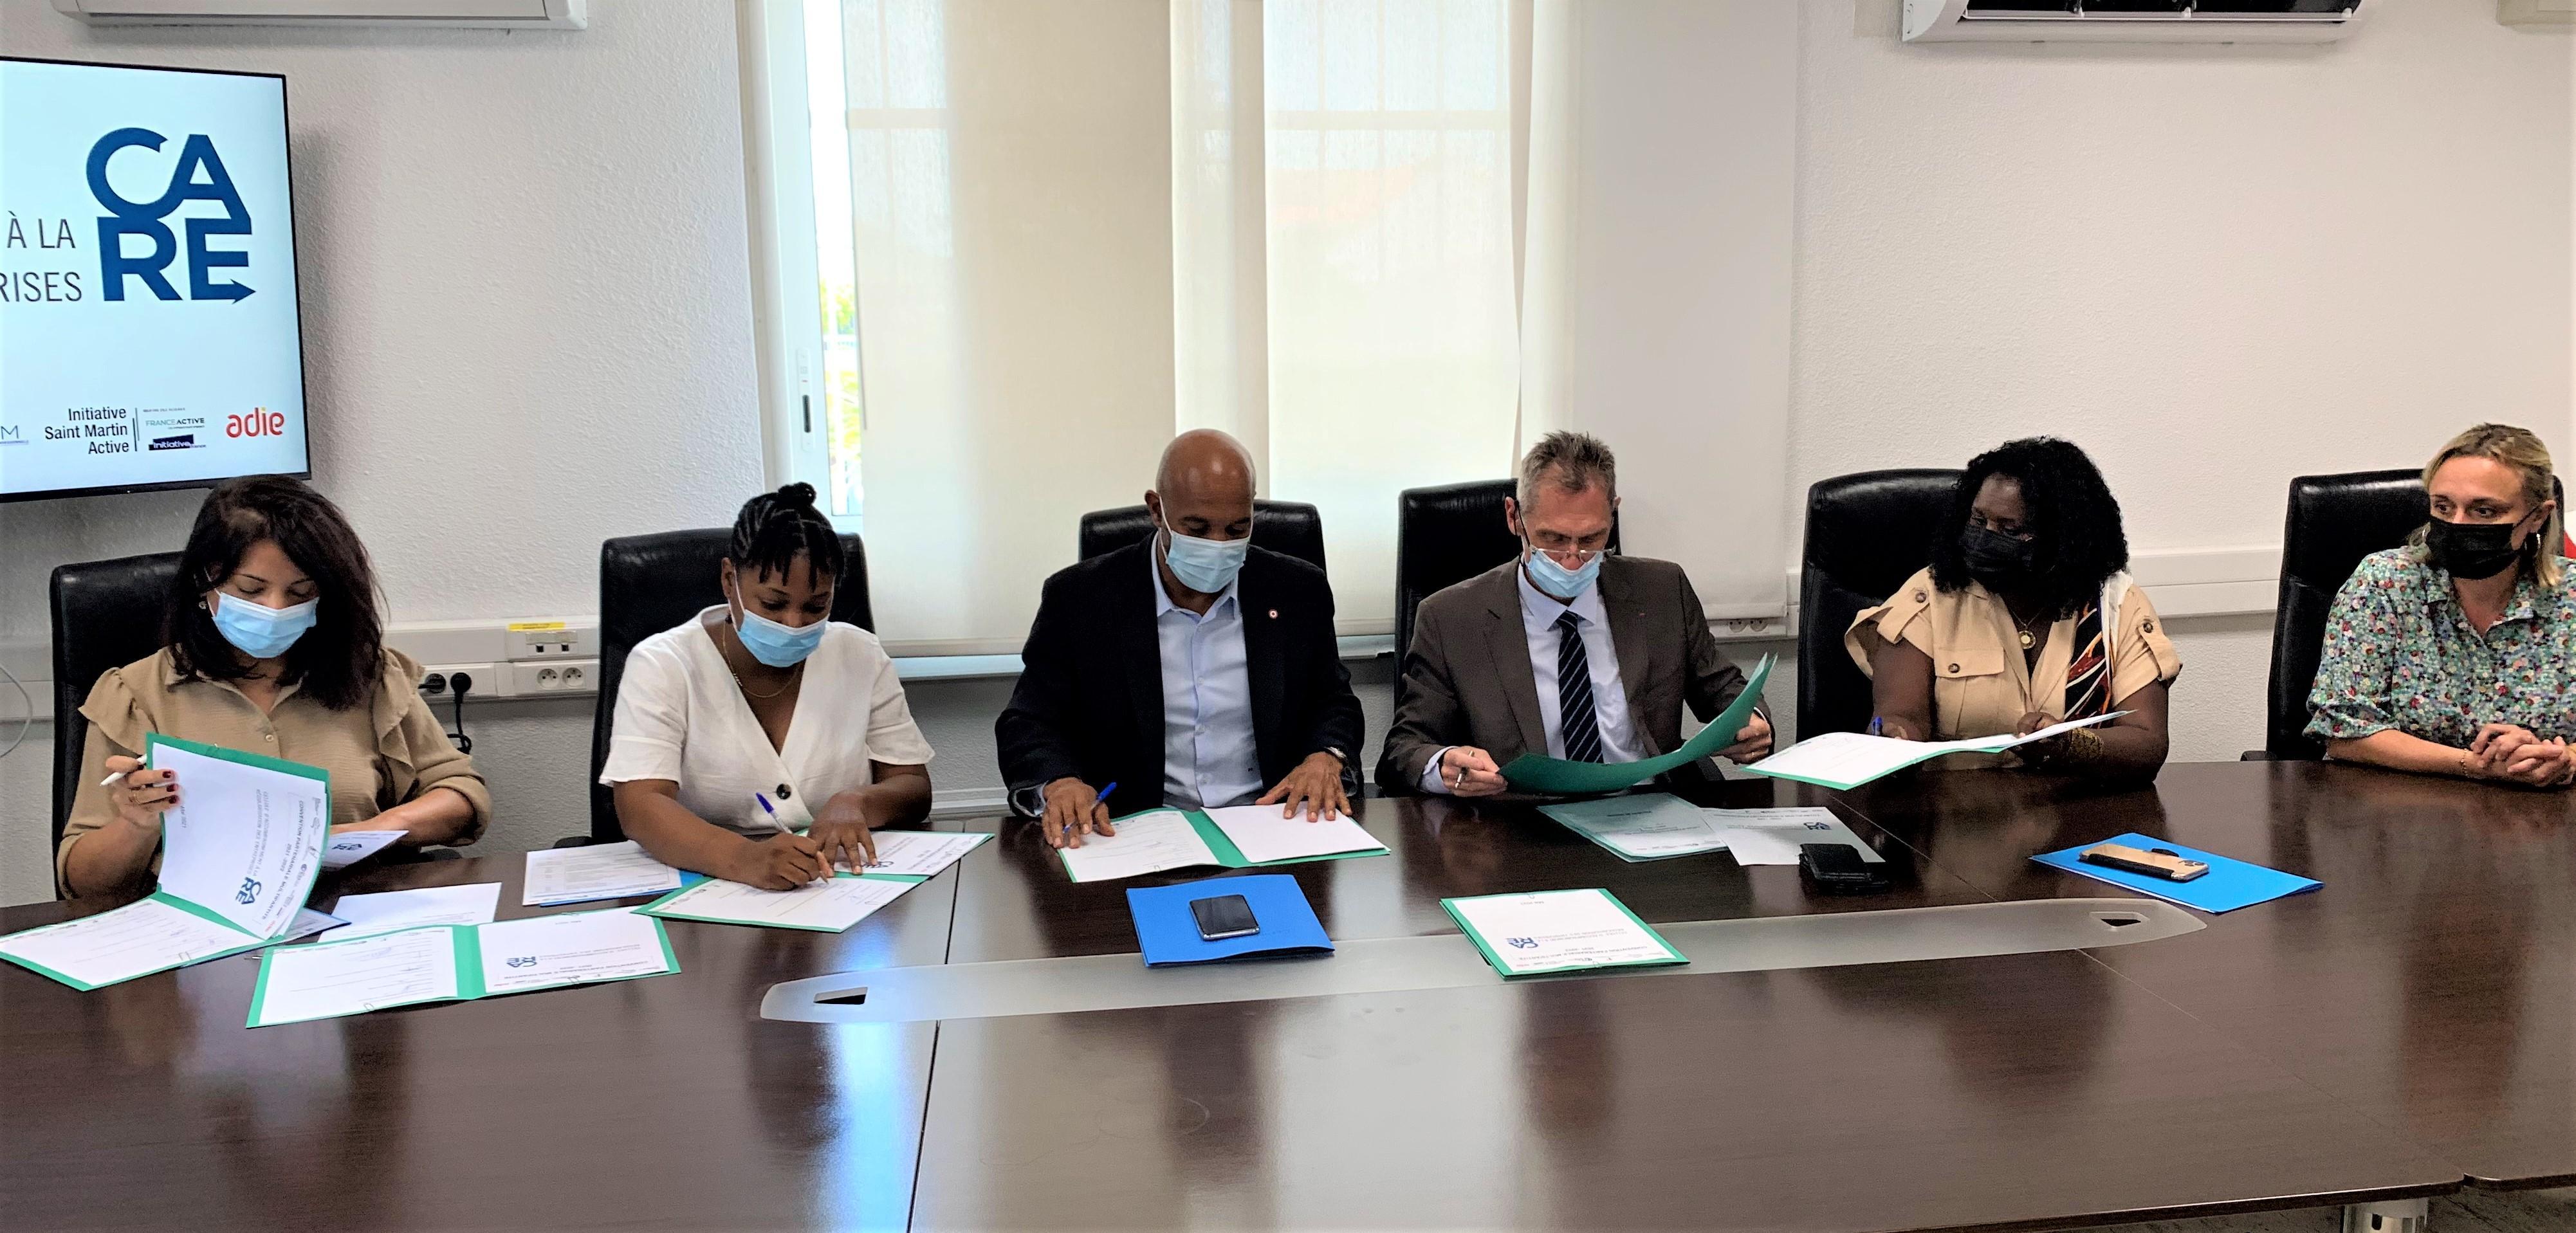 Saint-Martin:Extensionde la celluleCARE, dispositif d'aide aux entreprises